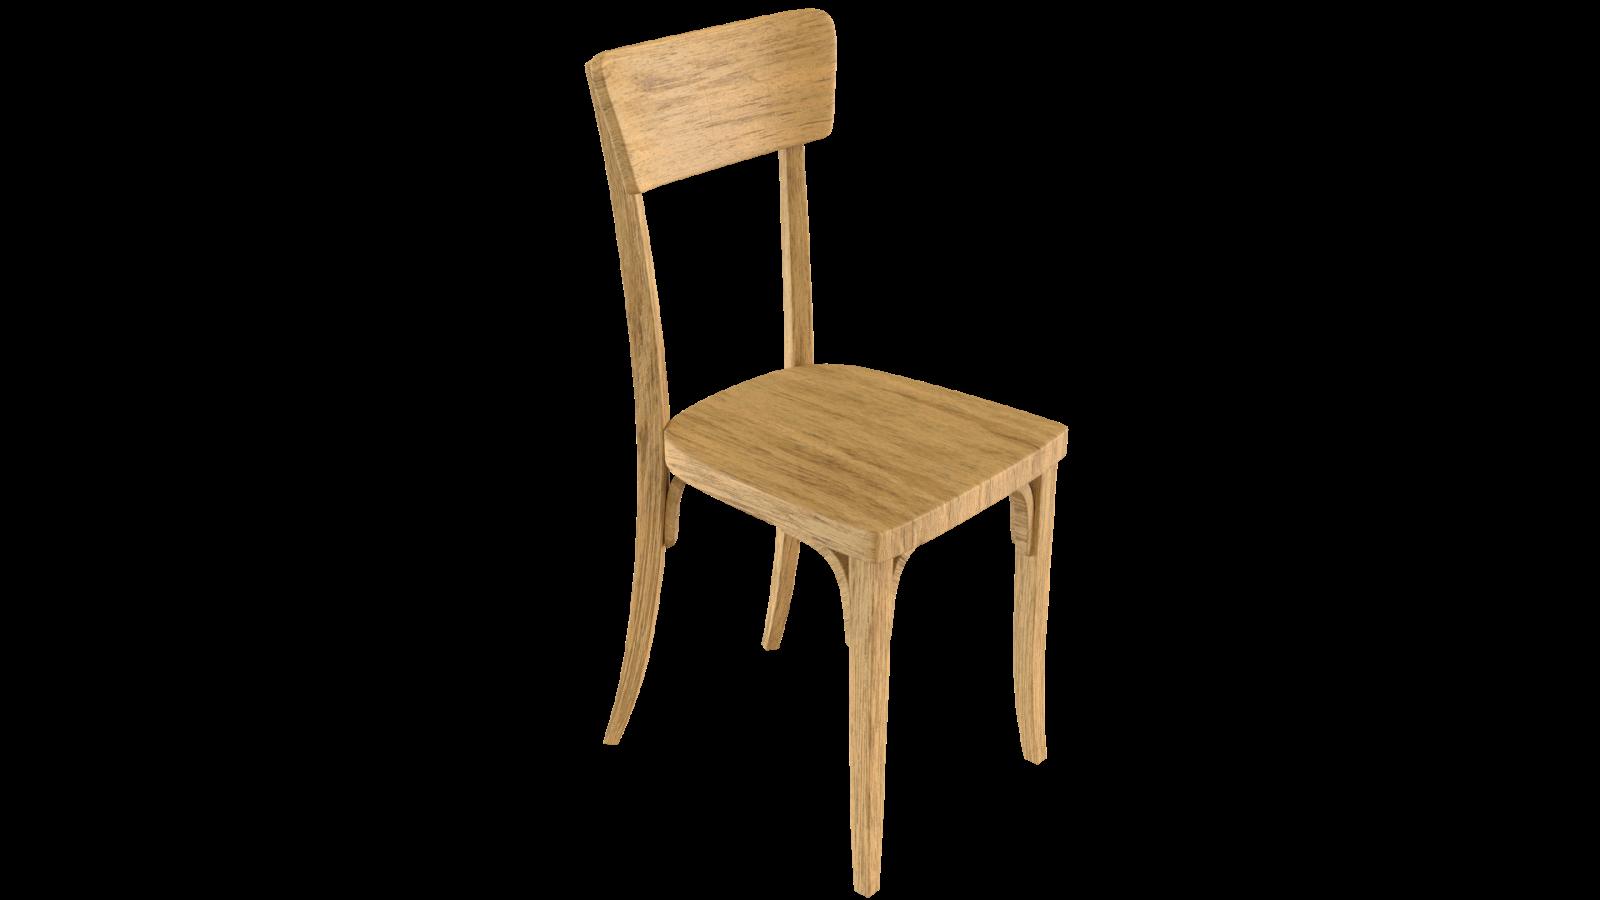 Free 3D Wood Chair CC0 3DS - Free 3D Models Under Public Domain